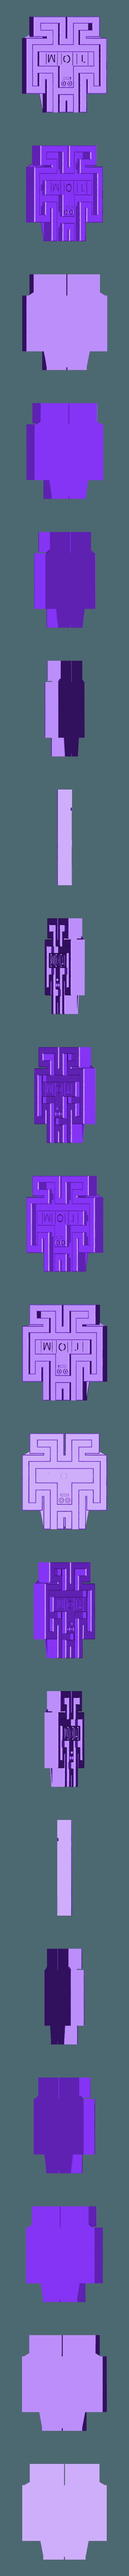 tom.stl Download free STL file Juggler Tom - Easy Maze Puzzle • 3D printable object, evgbourd